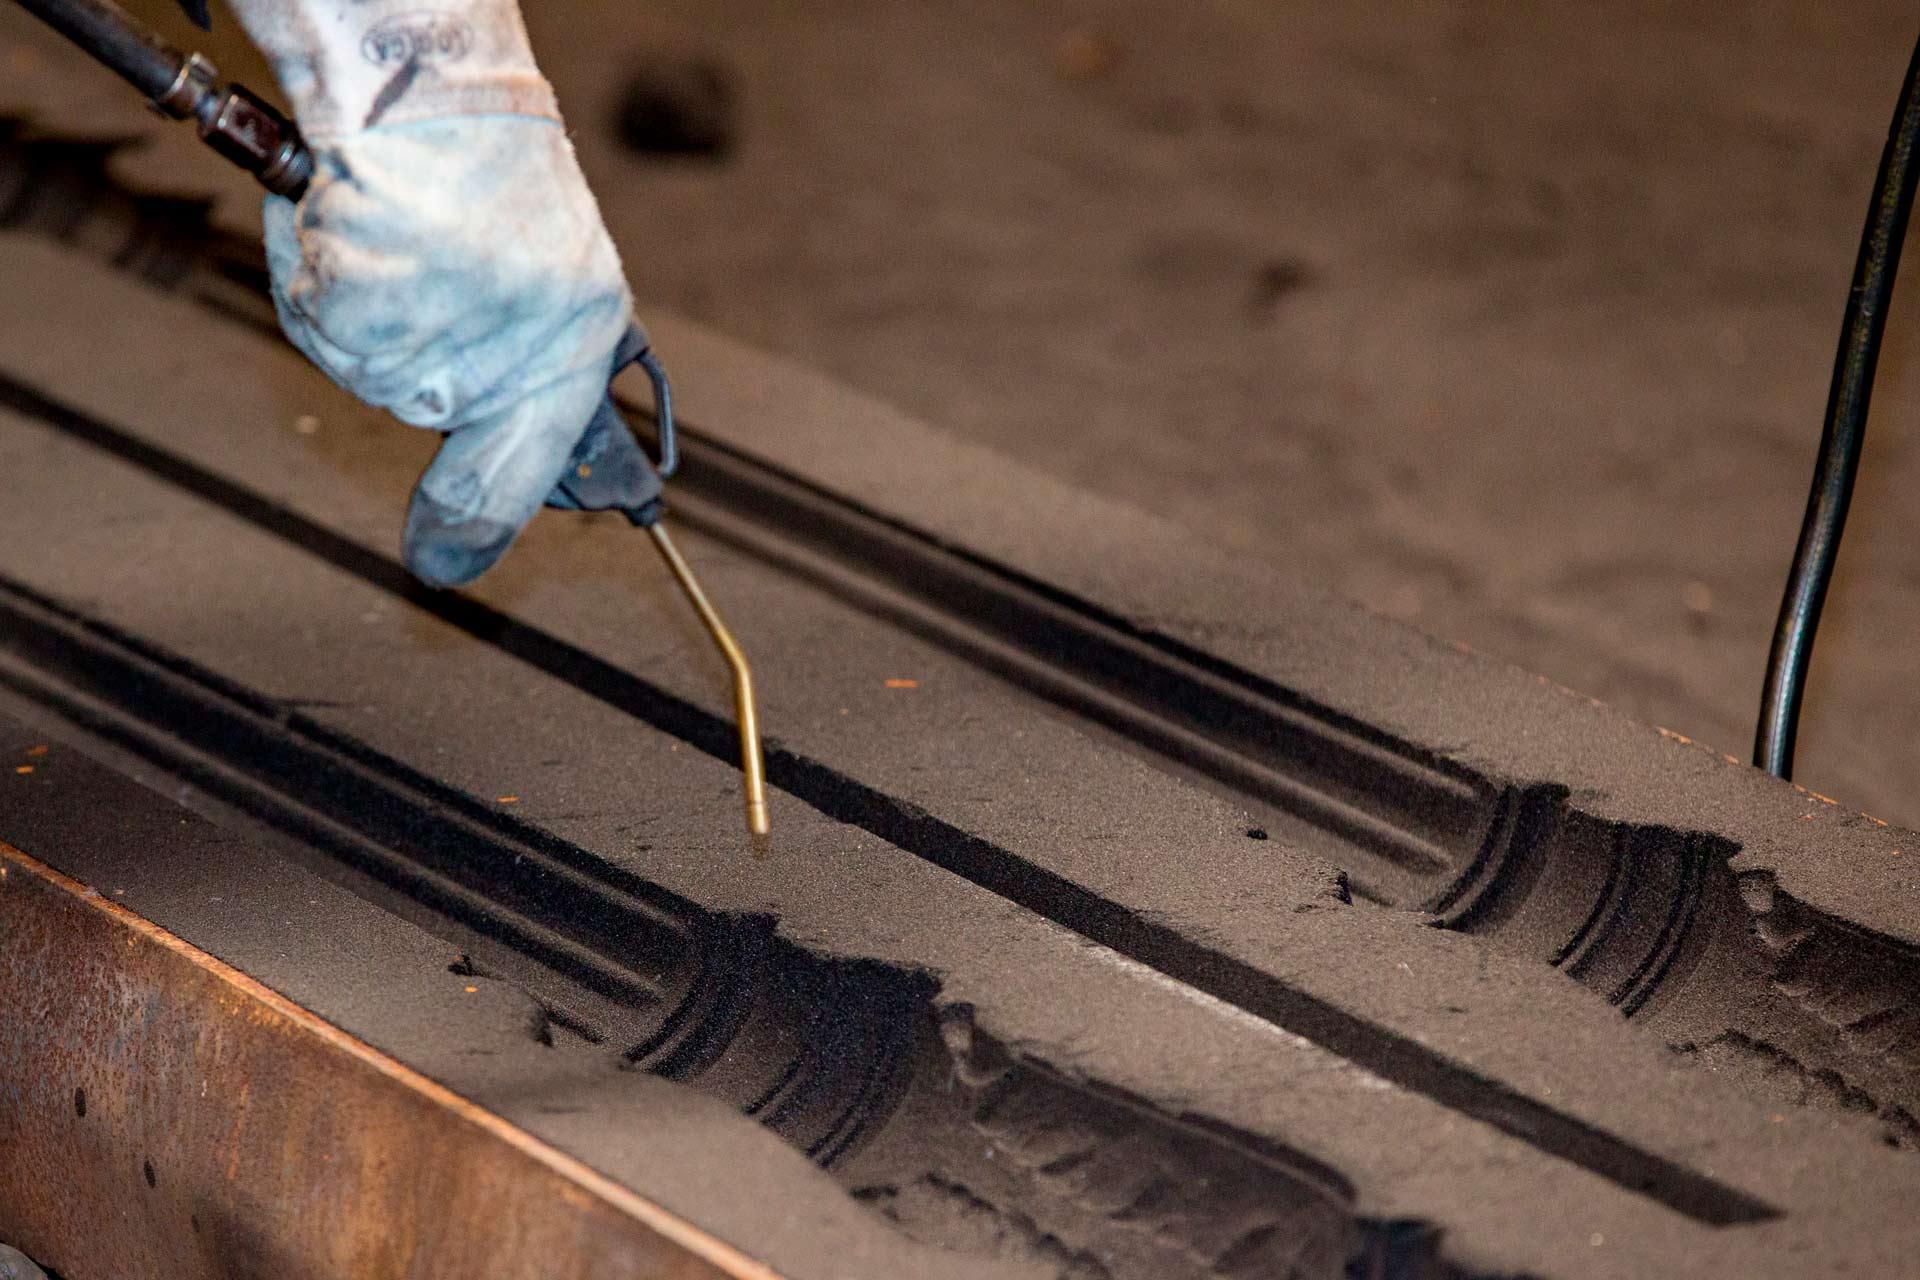 Le moule est g?n?ralement en acier ou en fonte et ? l'int?rieur, gr?ce ? l'utilisation d'un m?lange de sable et de r?sine, le n?gatif du composant final est reproduit.